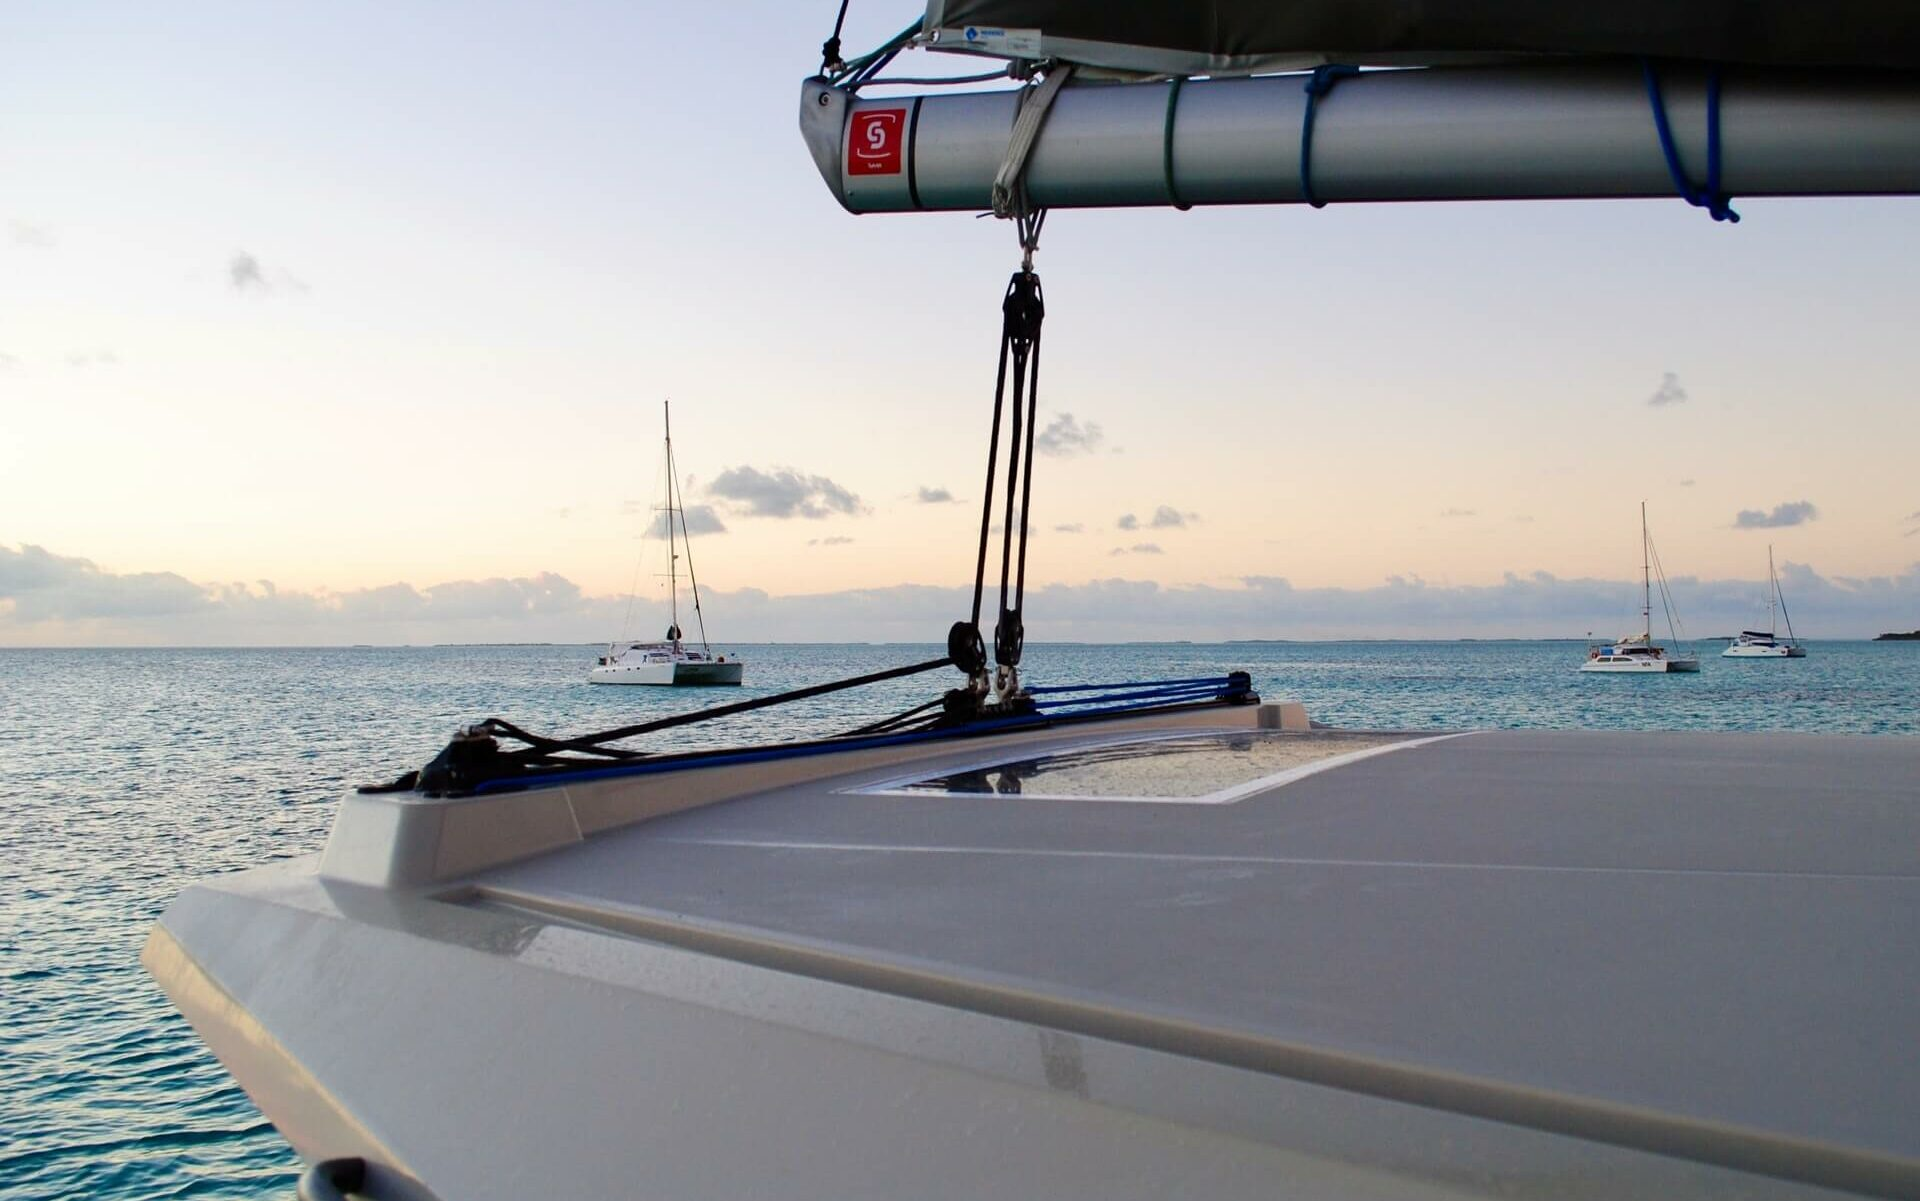 White sailboats at anchor in the Bahamas